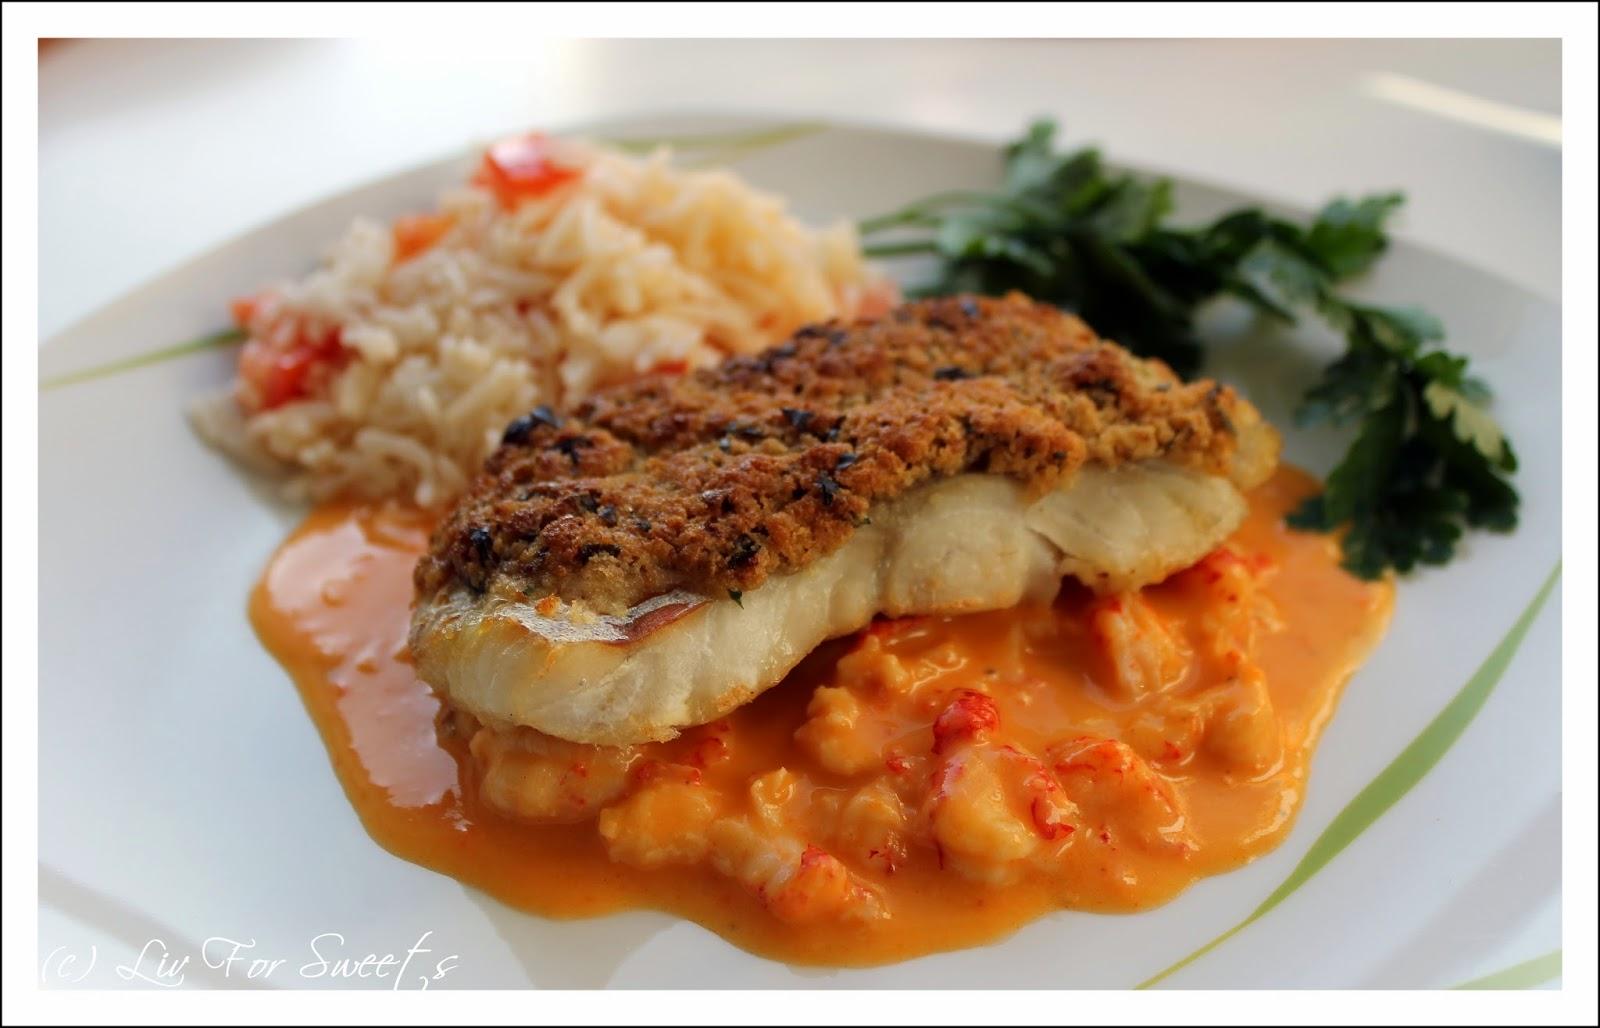 Fisch-Rezept für Seelachs mit einer Panade aus Toast und Butter auf einer Sauce mit Krebsfleisch an Reis mit Tomaten